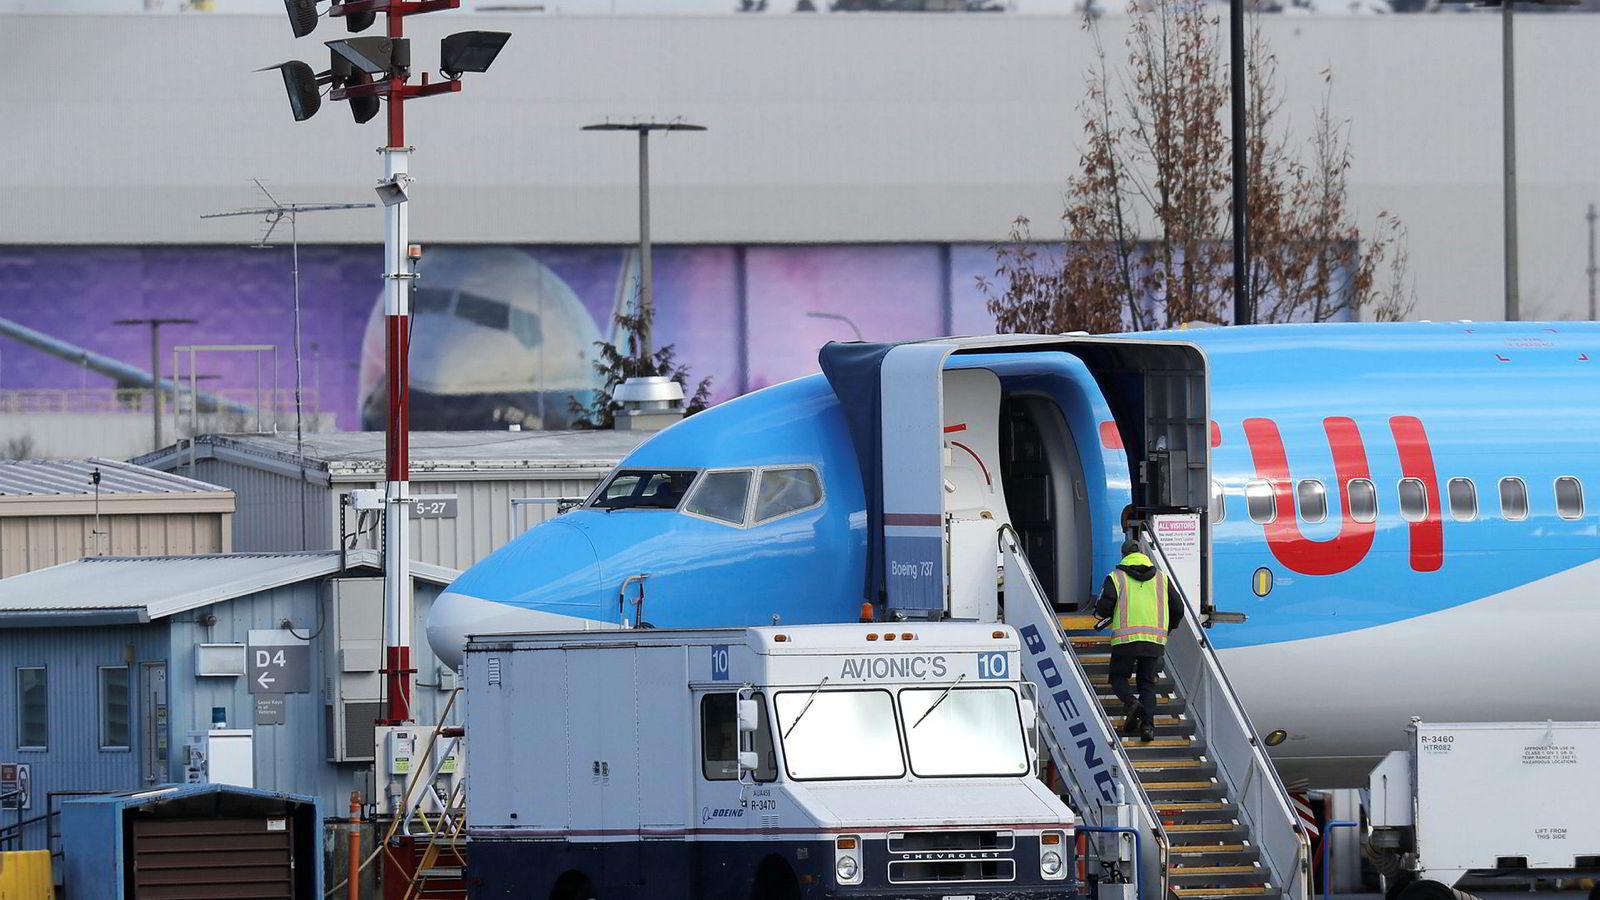 Reiselivsselskapet TUI har 15 Boeing-fly av typen 737 Max.